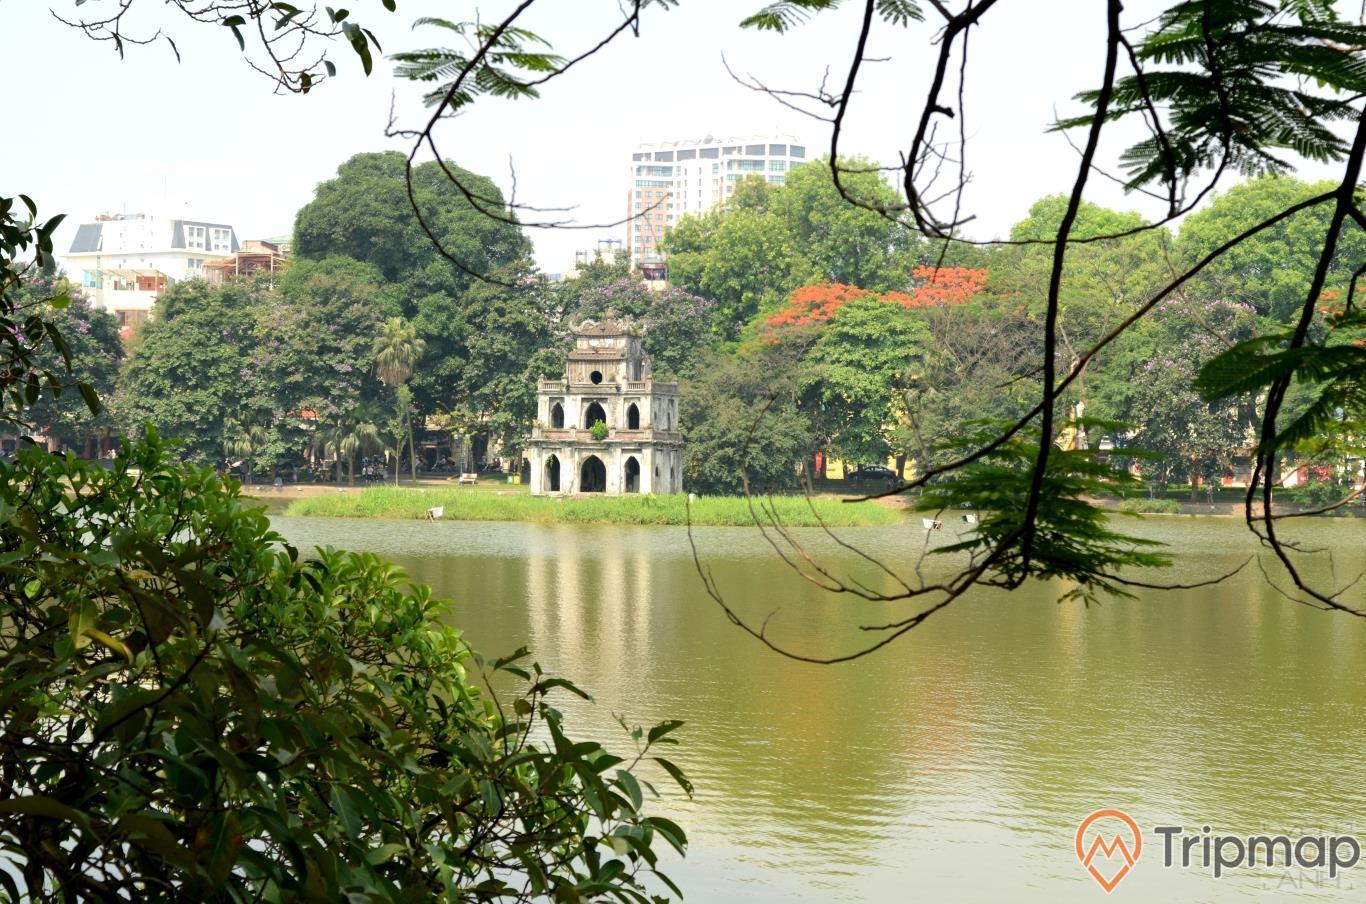 tháp Rùa giữa Hồ Hoàn Kiếm, cây cối xanh tươi ở quanh hồ hoàn kiếm